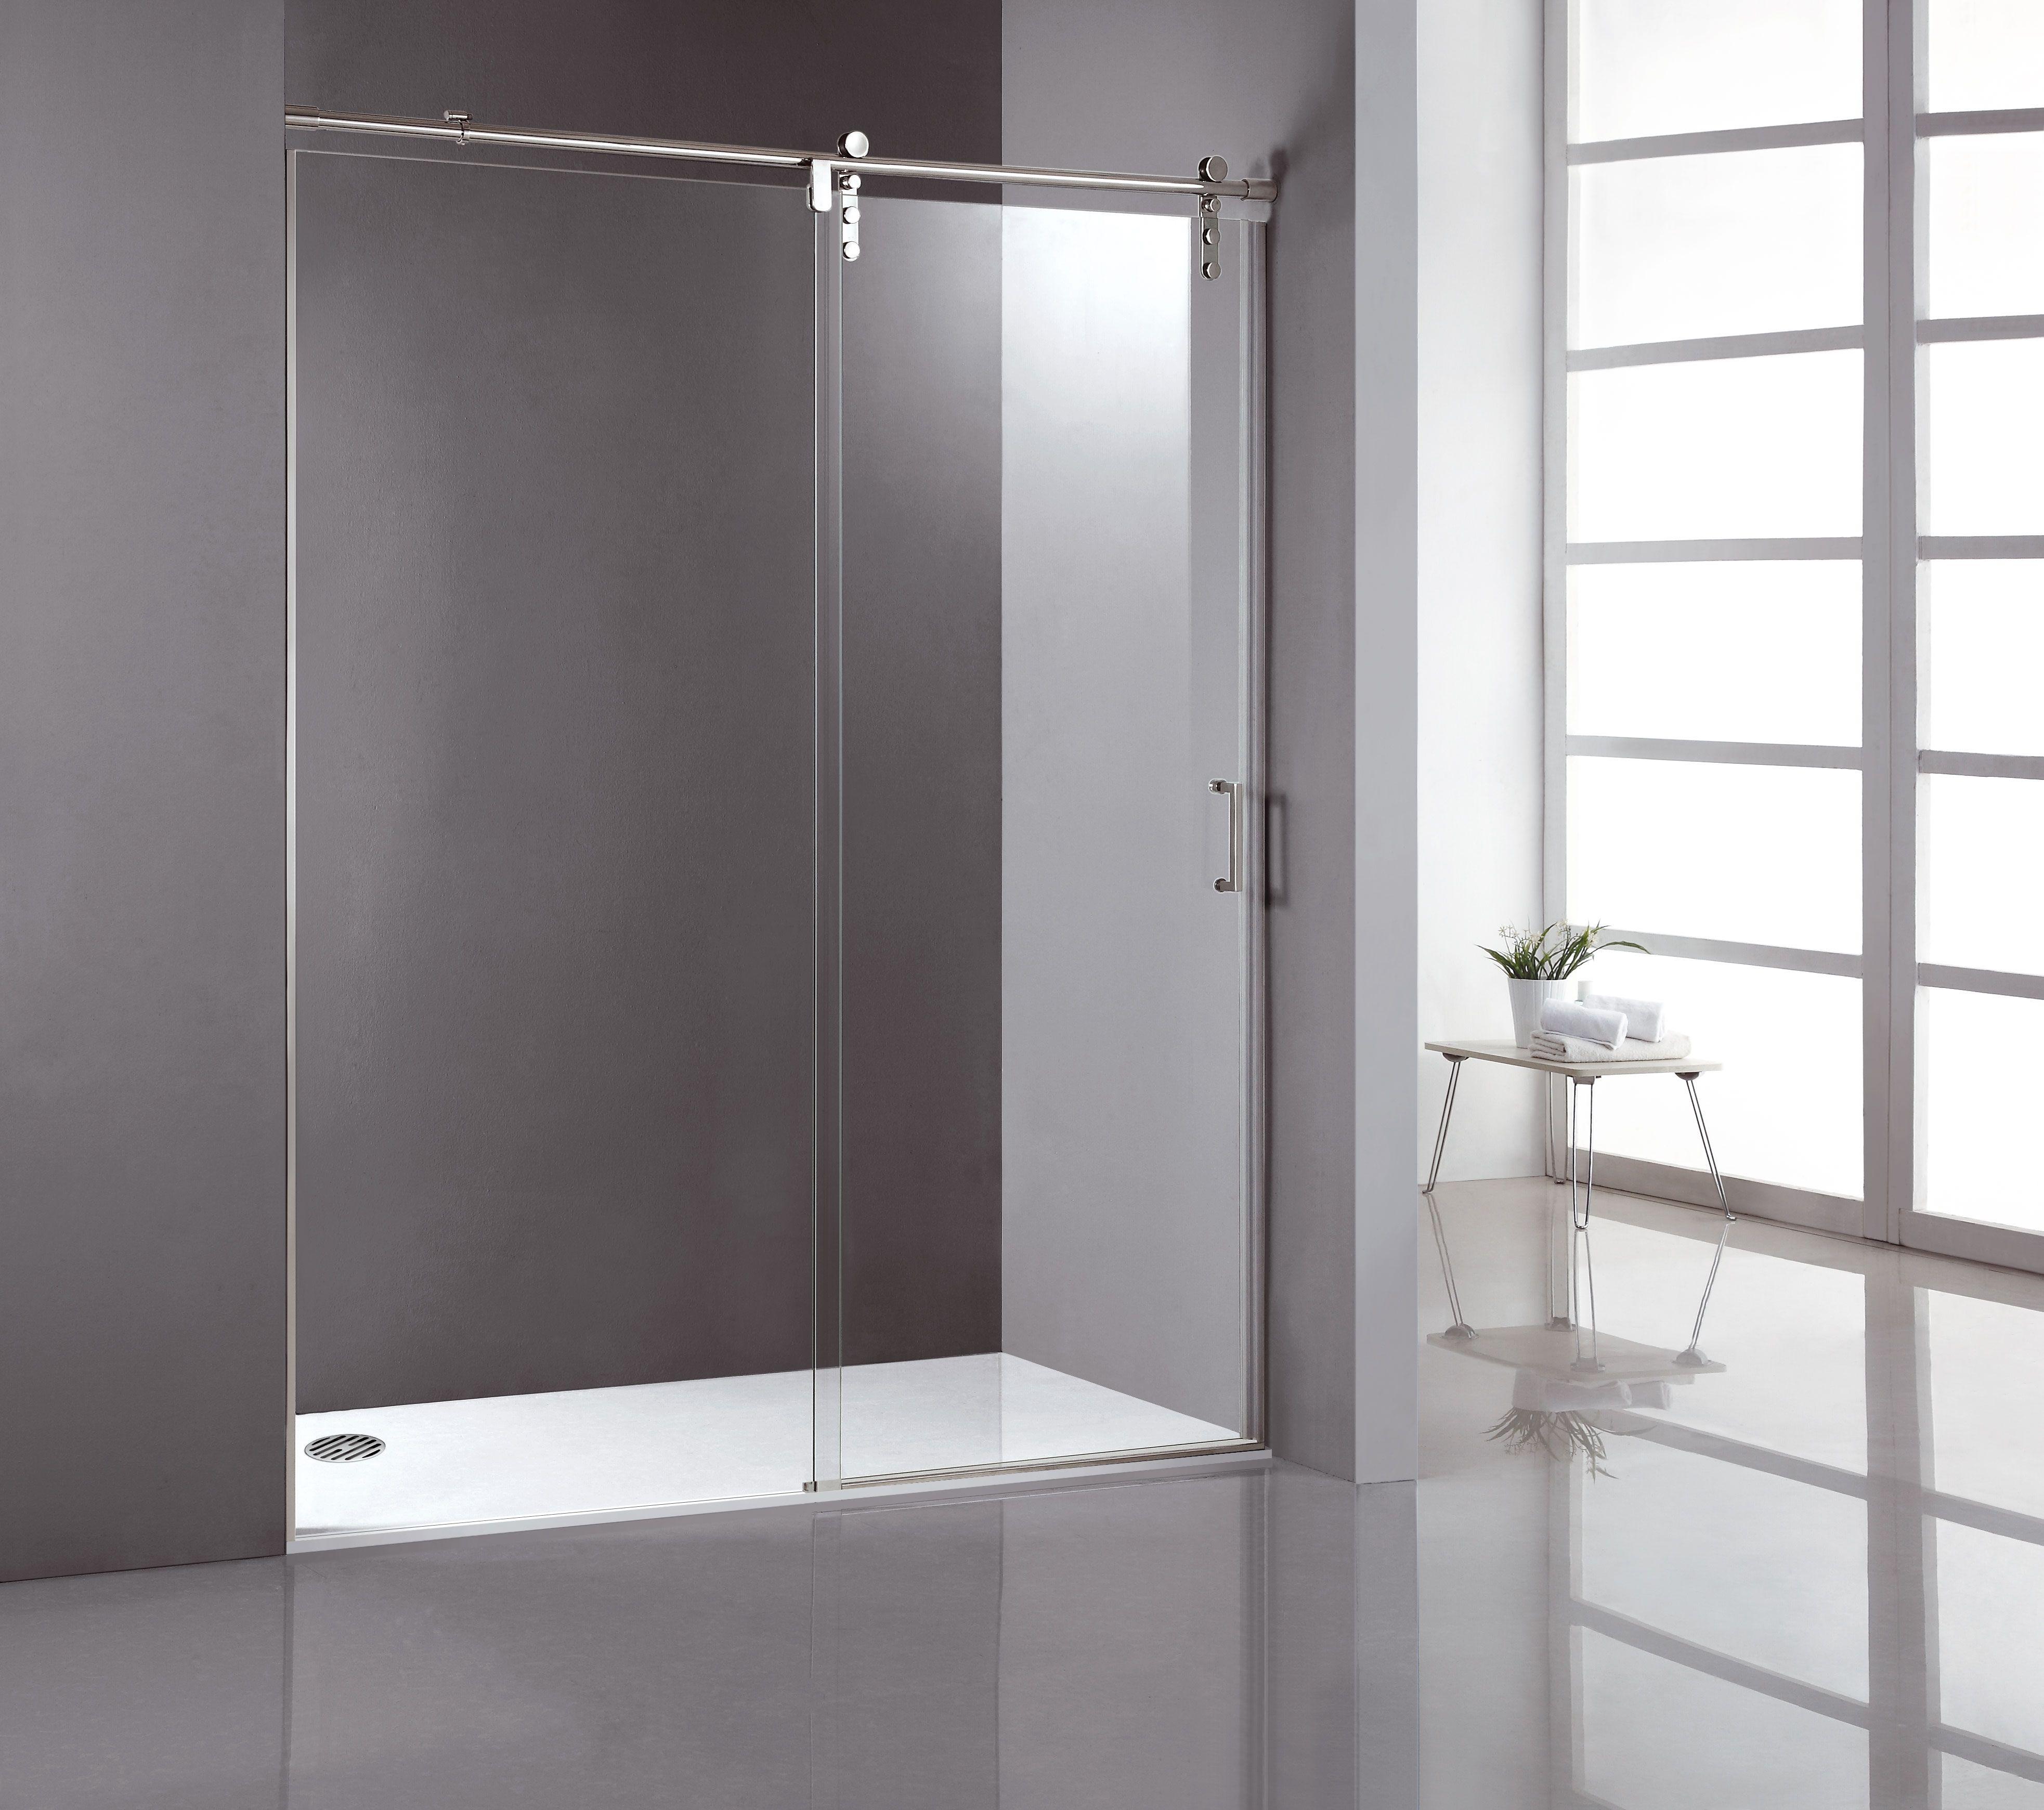 Mampara ducha ca la cristi pinterest mampara duchas - Precios de mamparas para bano ...